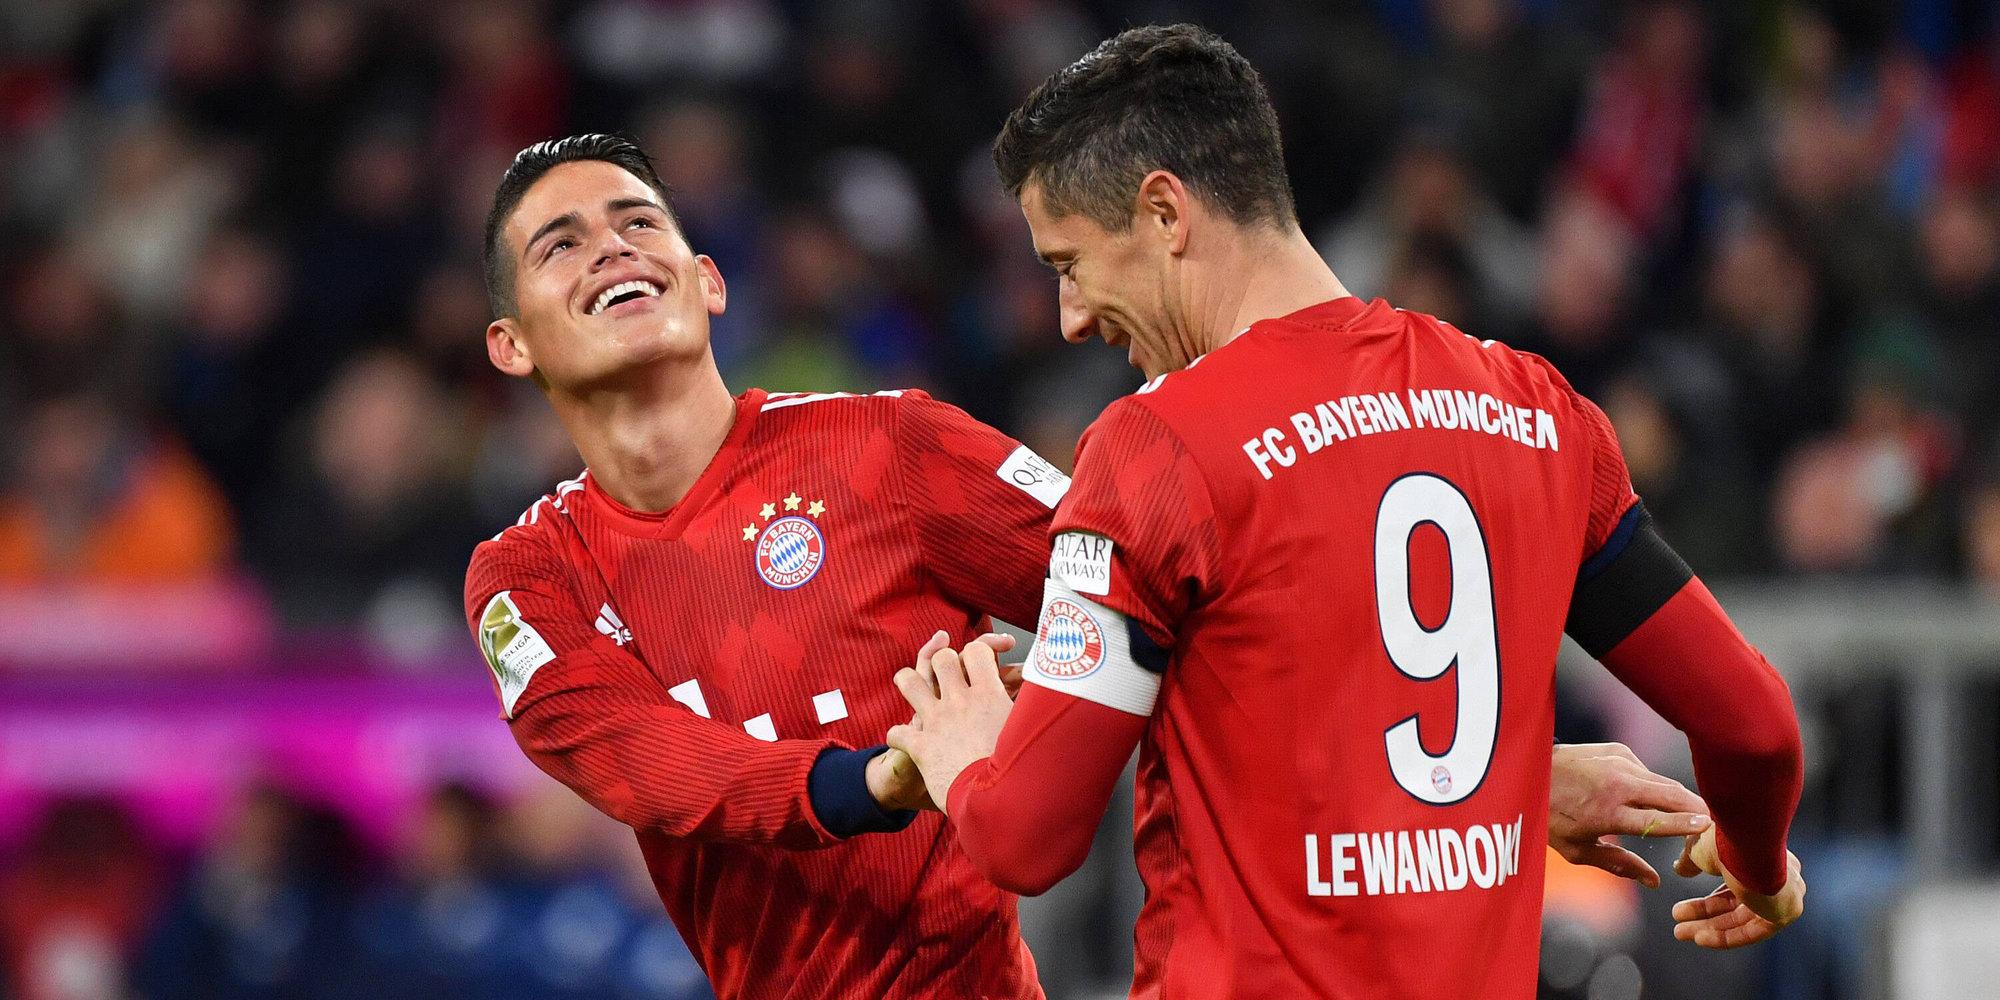 Бавария News: «Бавария» разгромила «Майнц» и вышла на первое место в